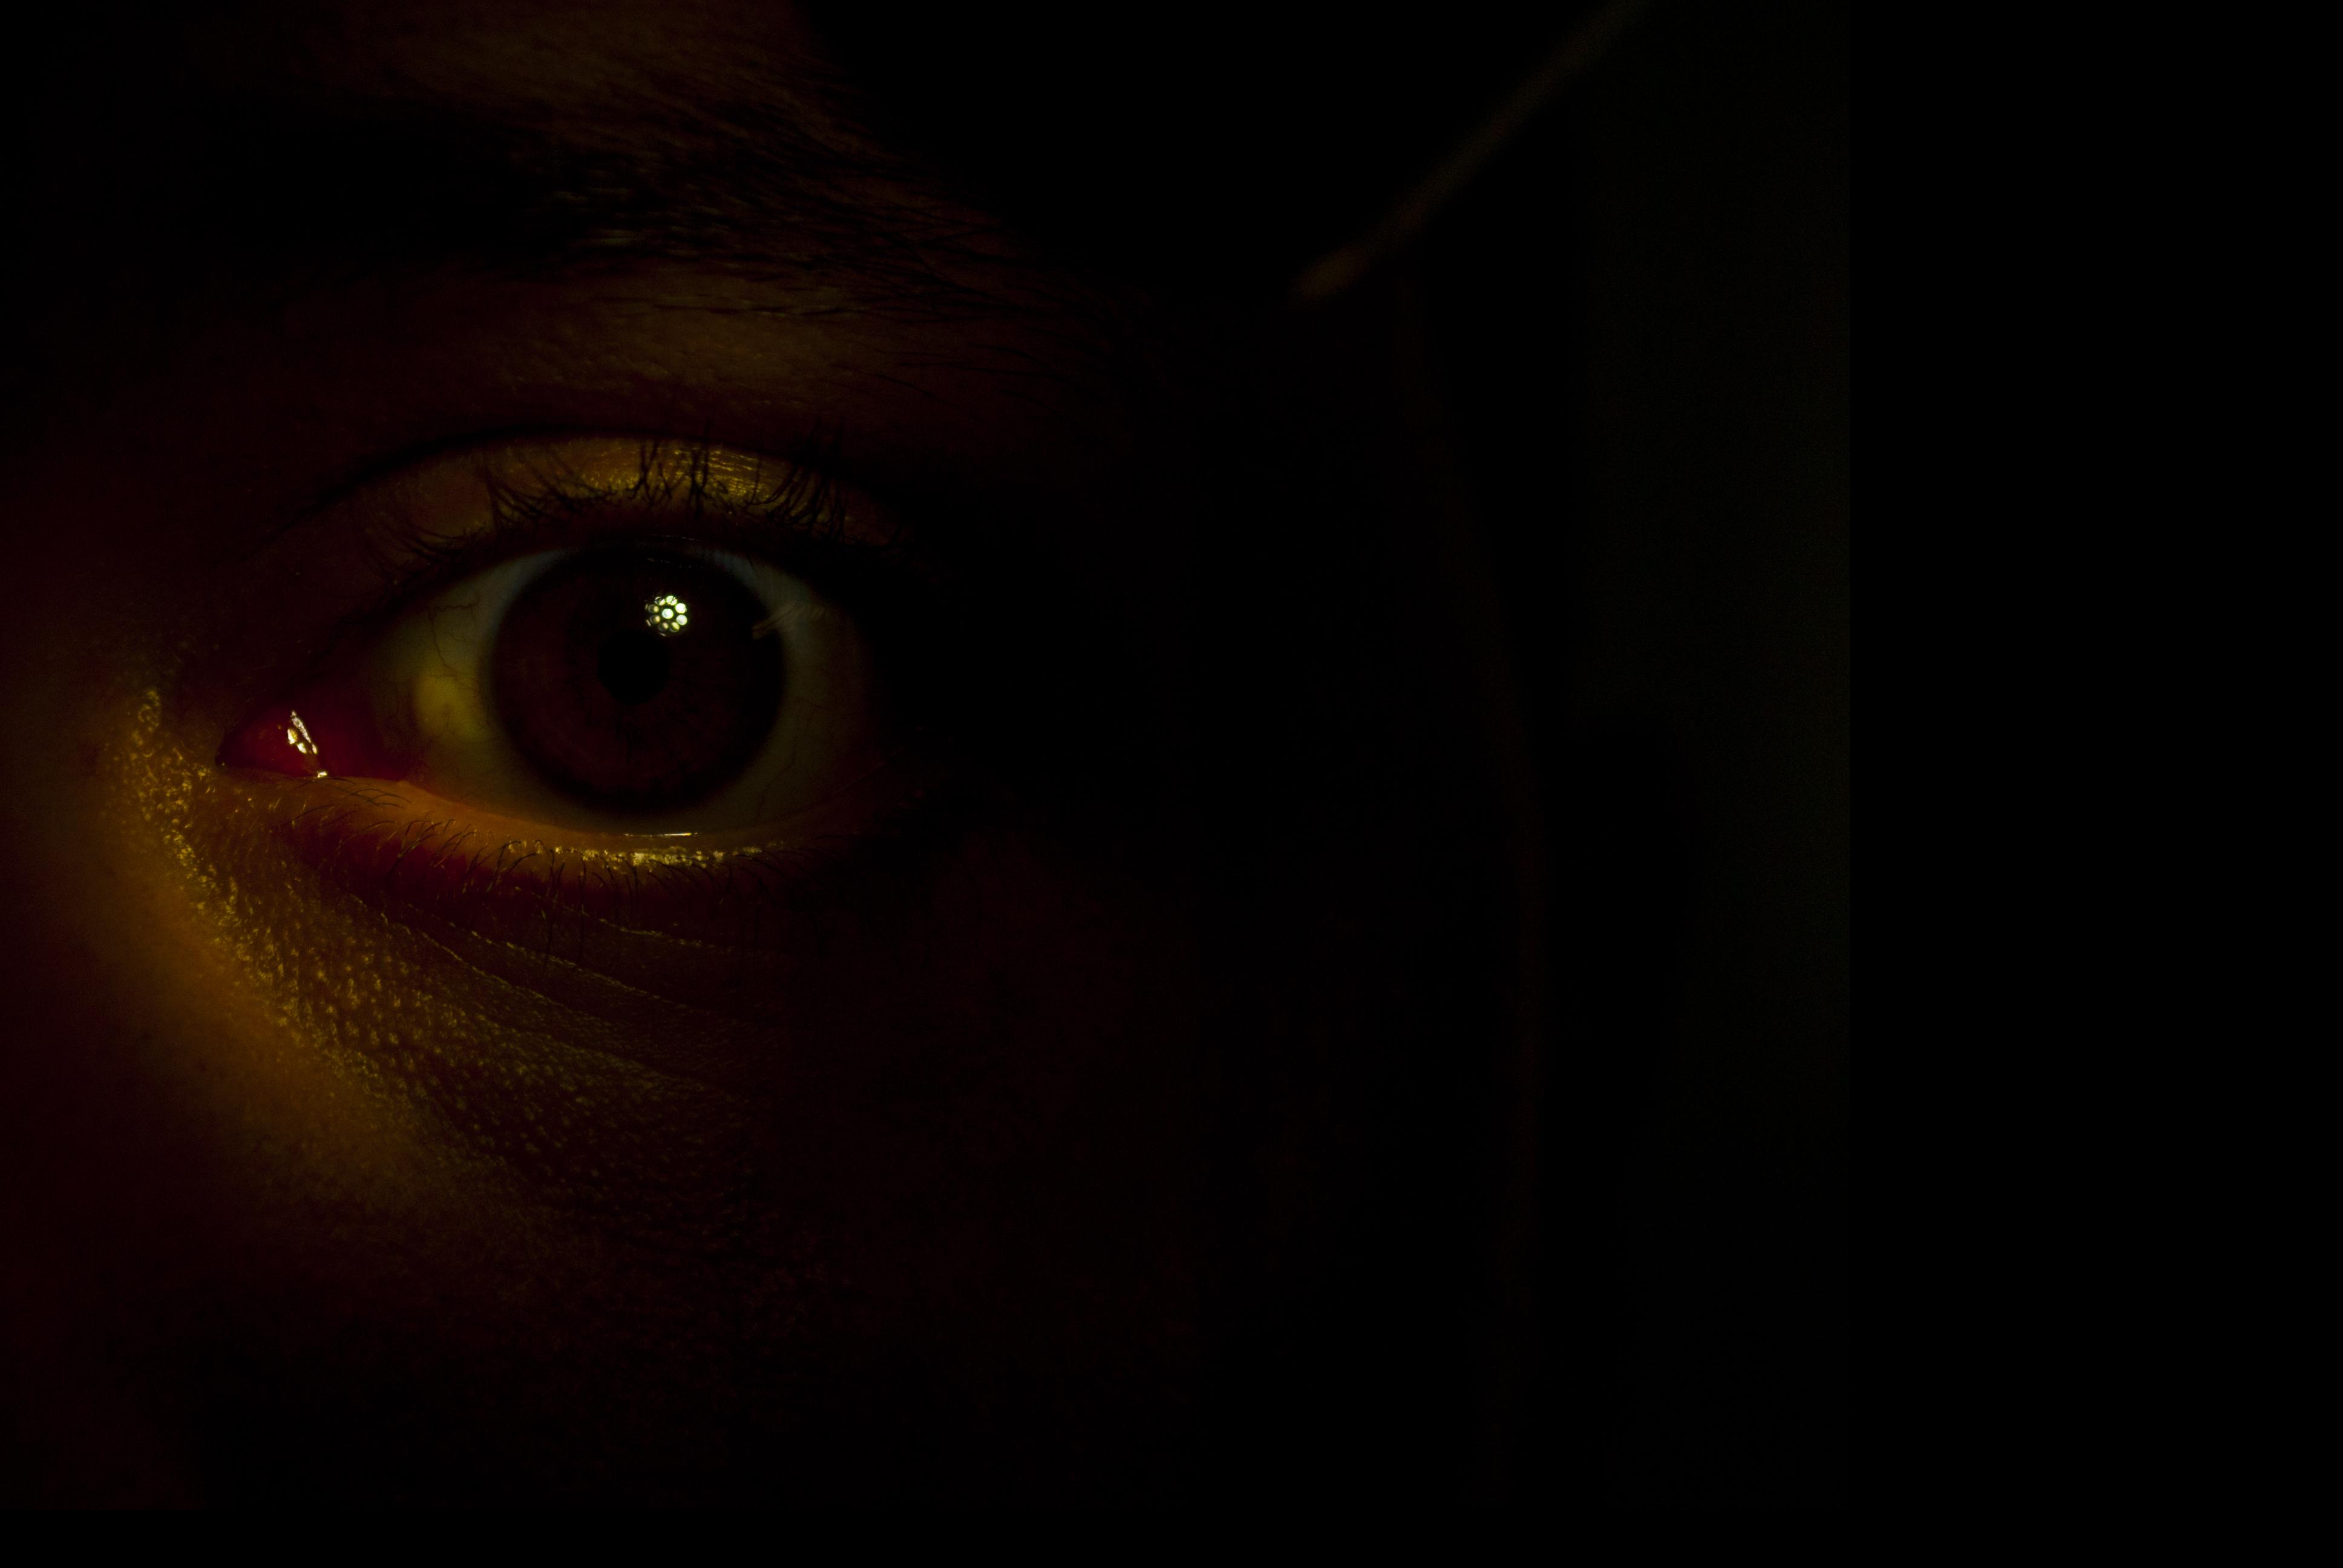 Najstraszniejsze horrory w historii kina film